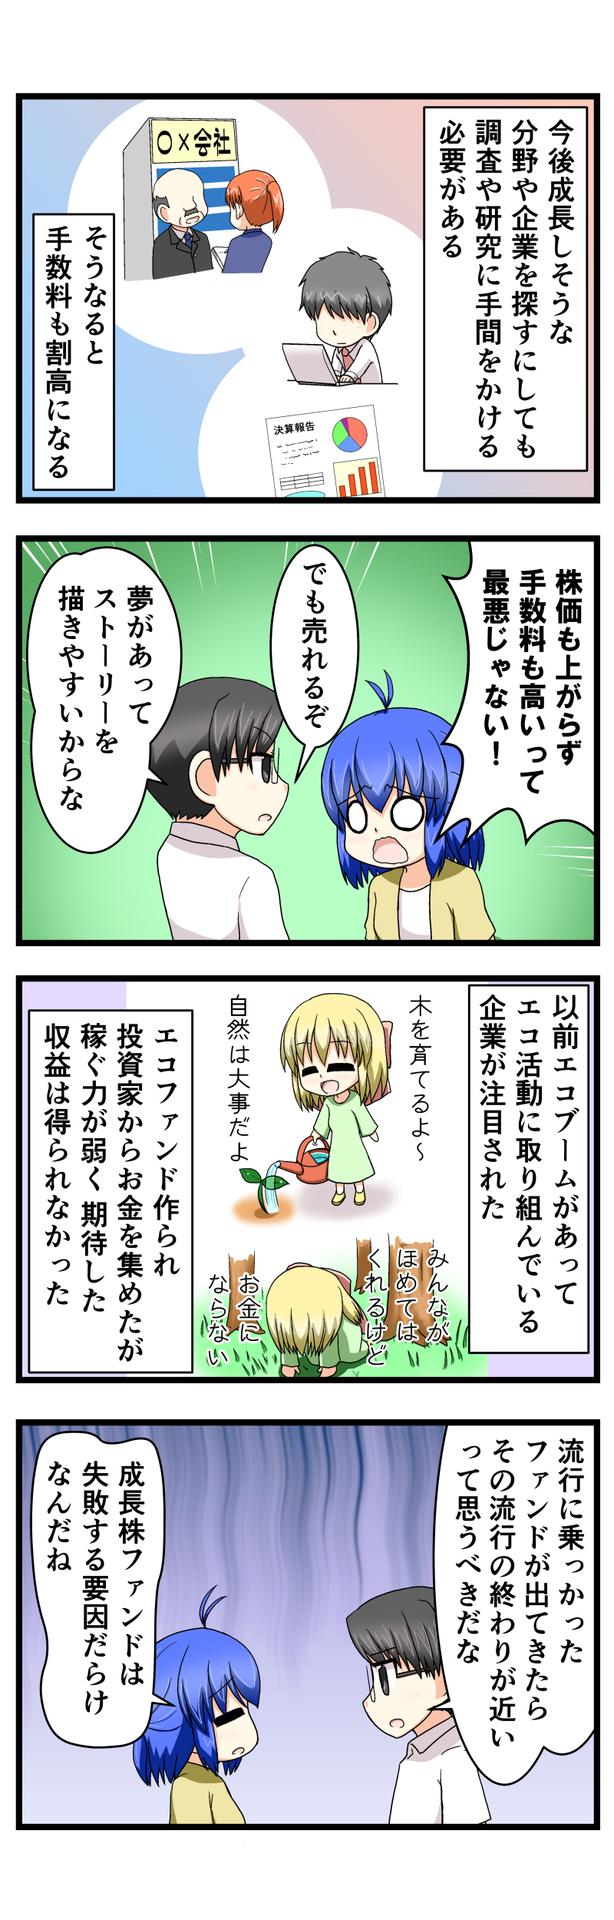 萌える株セミナー102.jpg